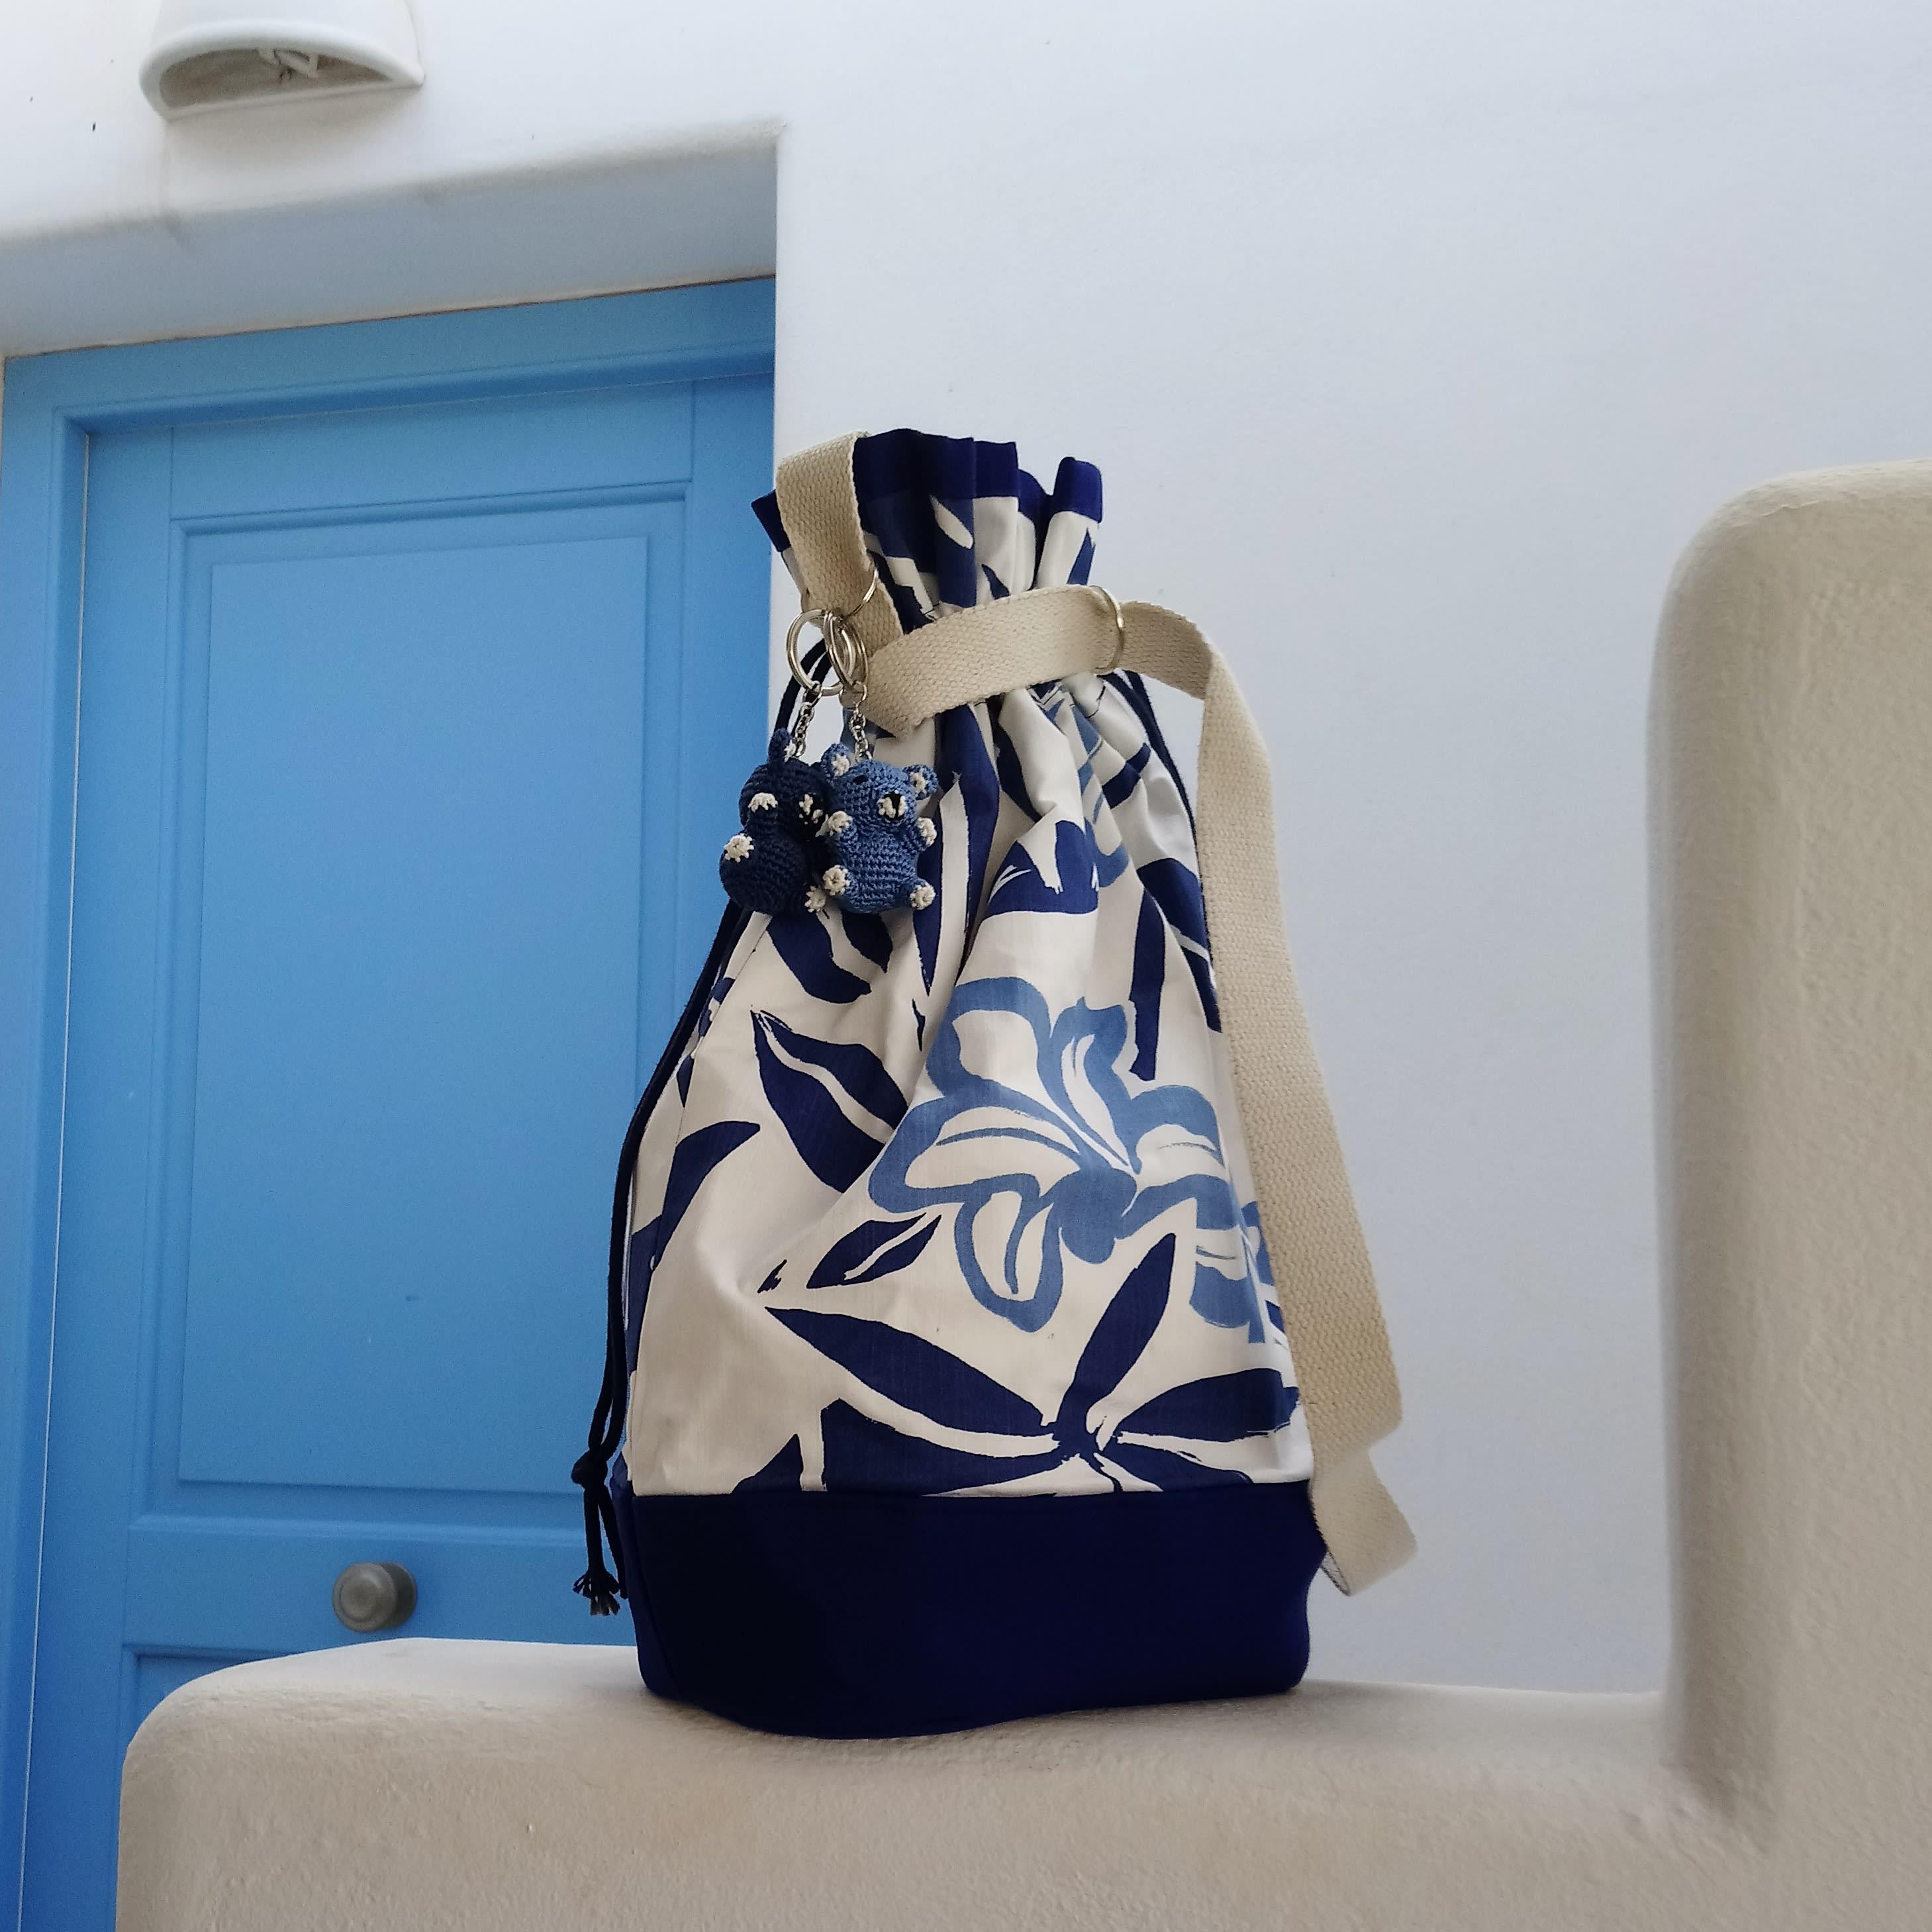 Sac bandoulière bleu et blanc à fleurs. Grand sac seau pratique.